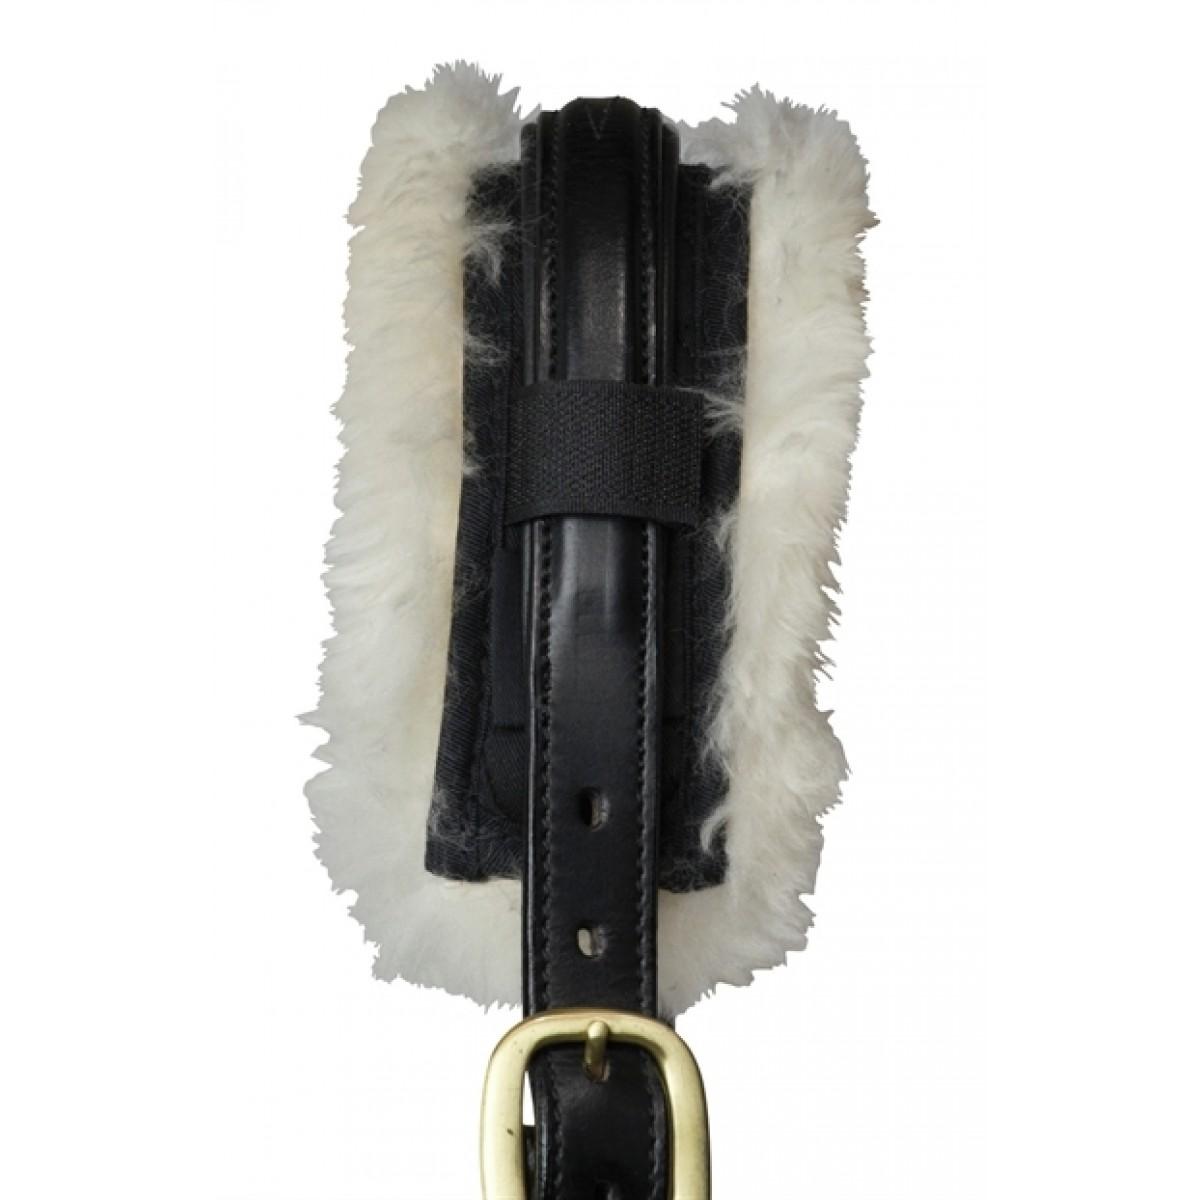 Medi lamb nakkebeskytter-Åben- 31 cm